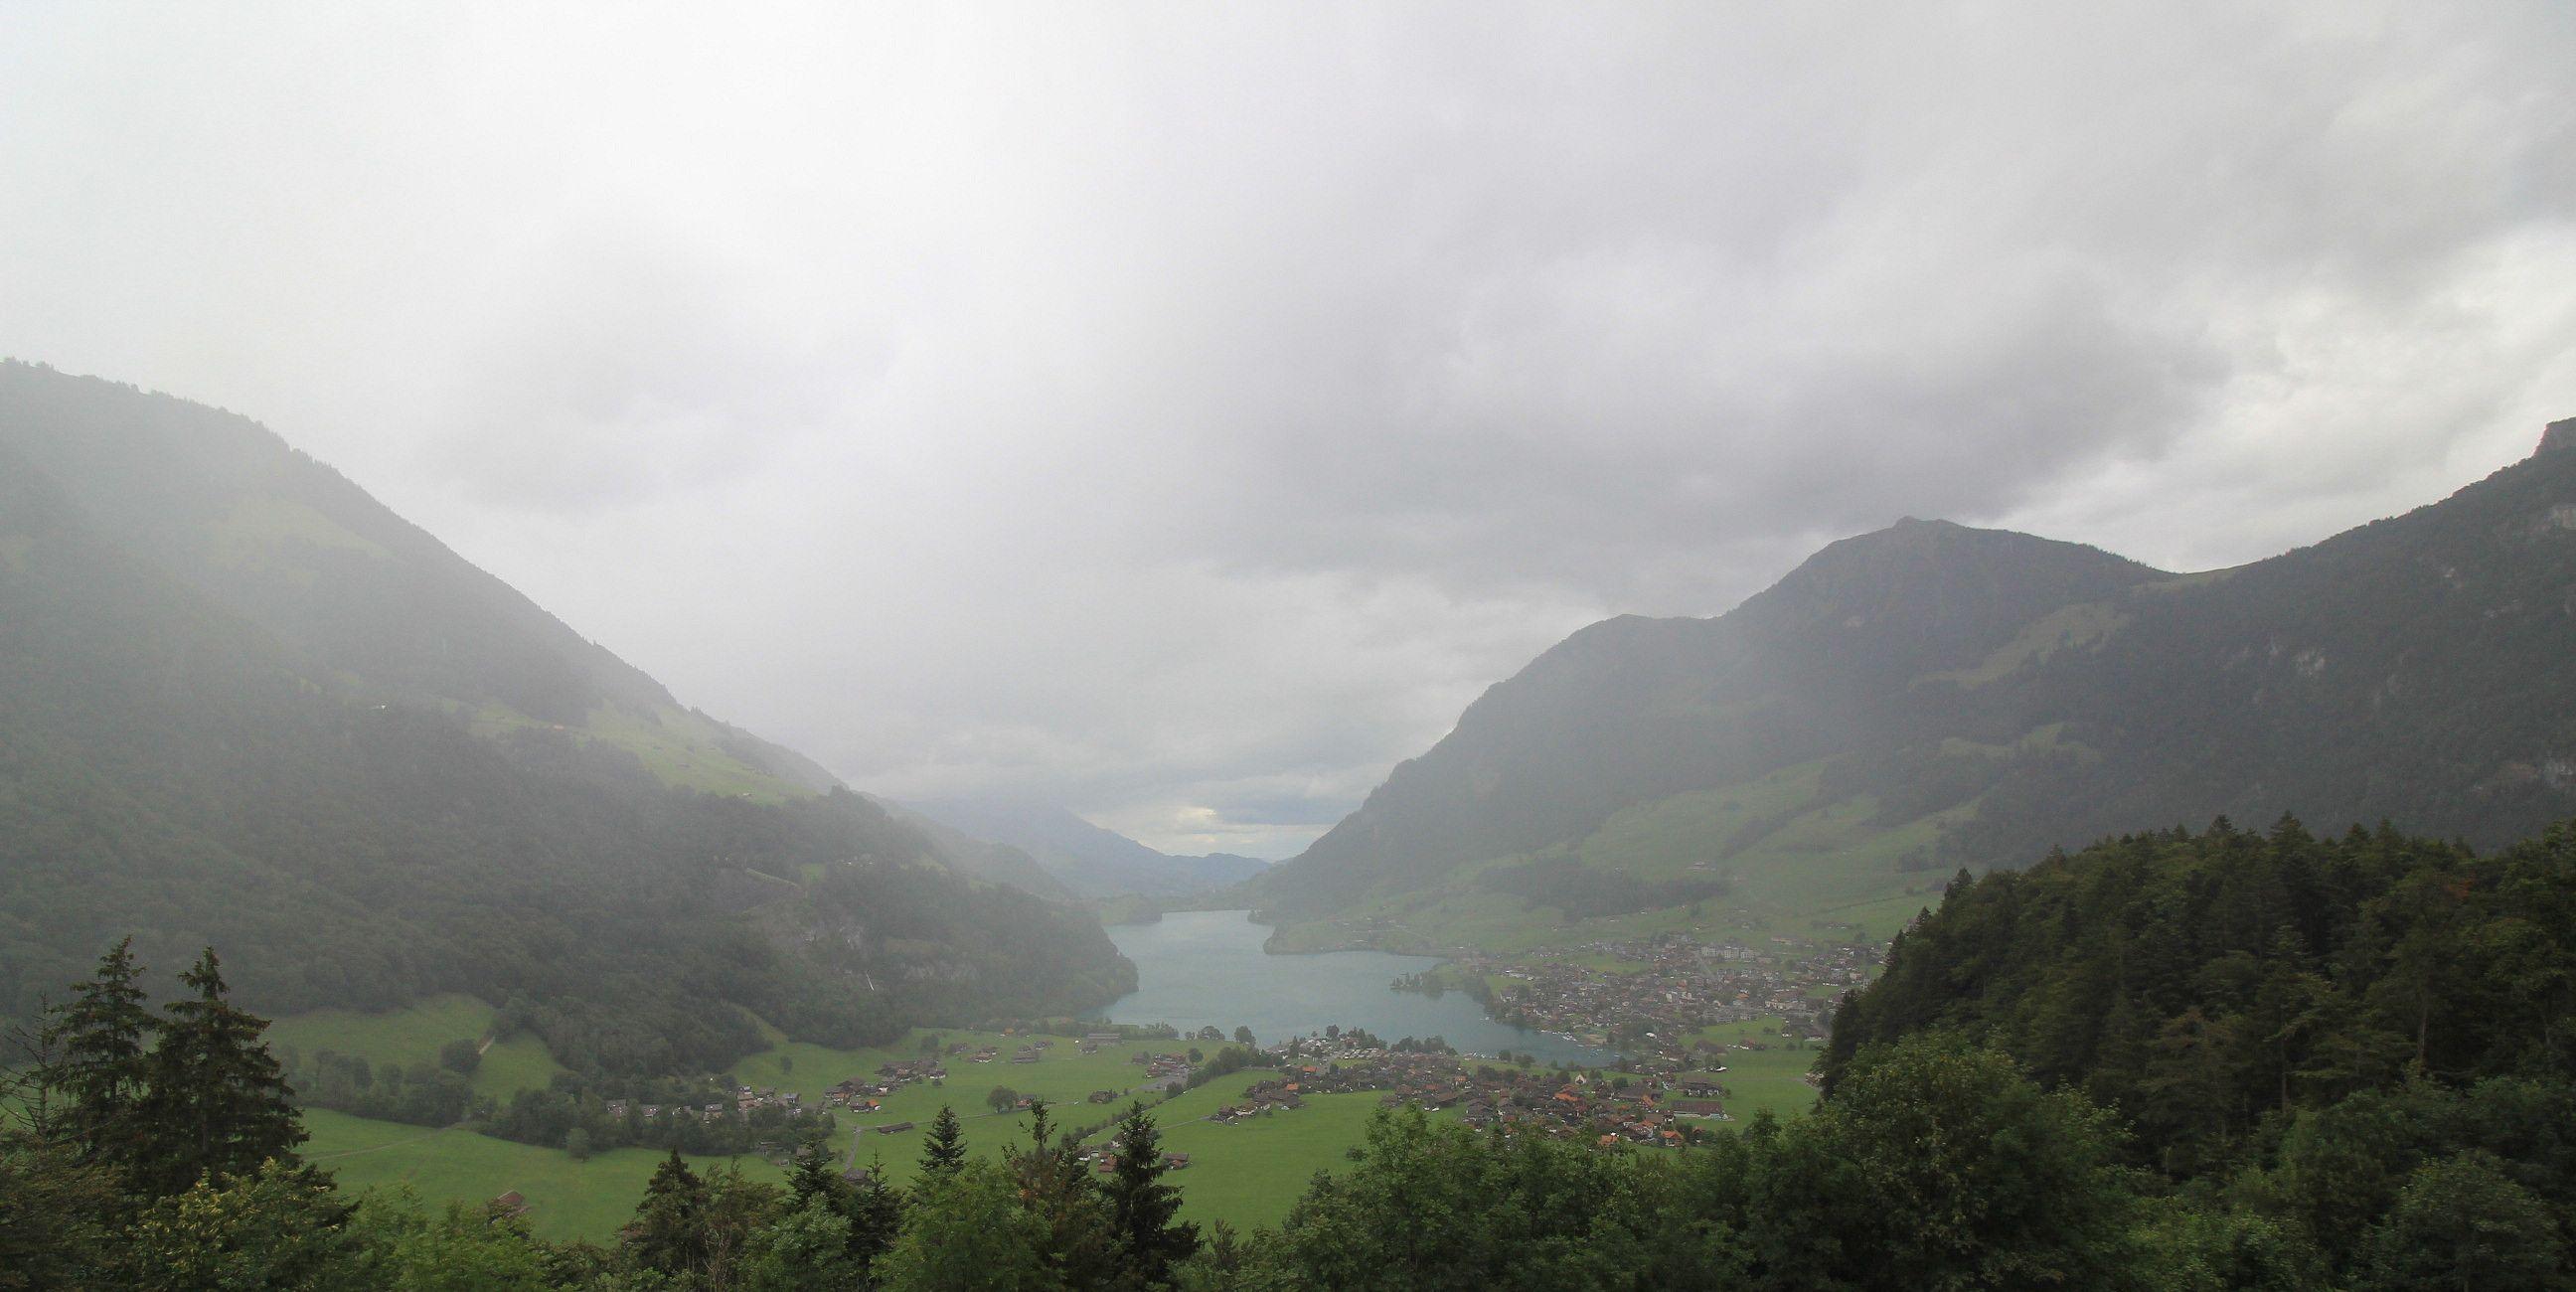 Lungern › Norden: Obsee - Lake Lungern - Fischerparadies Lungern - Mount Pilatus